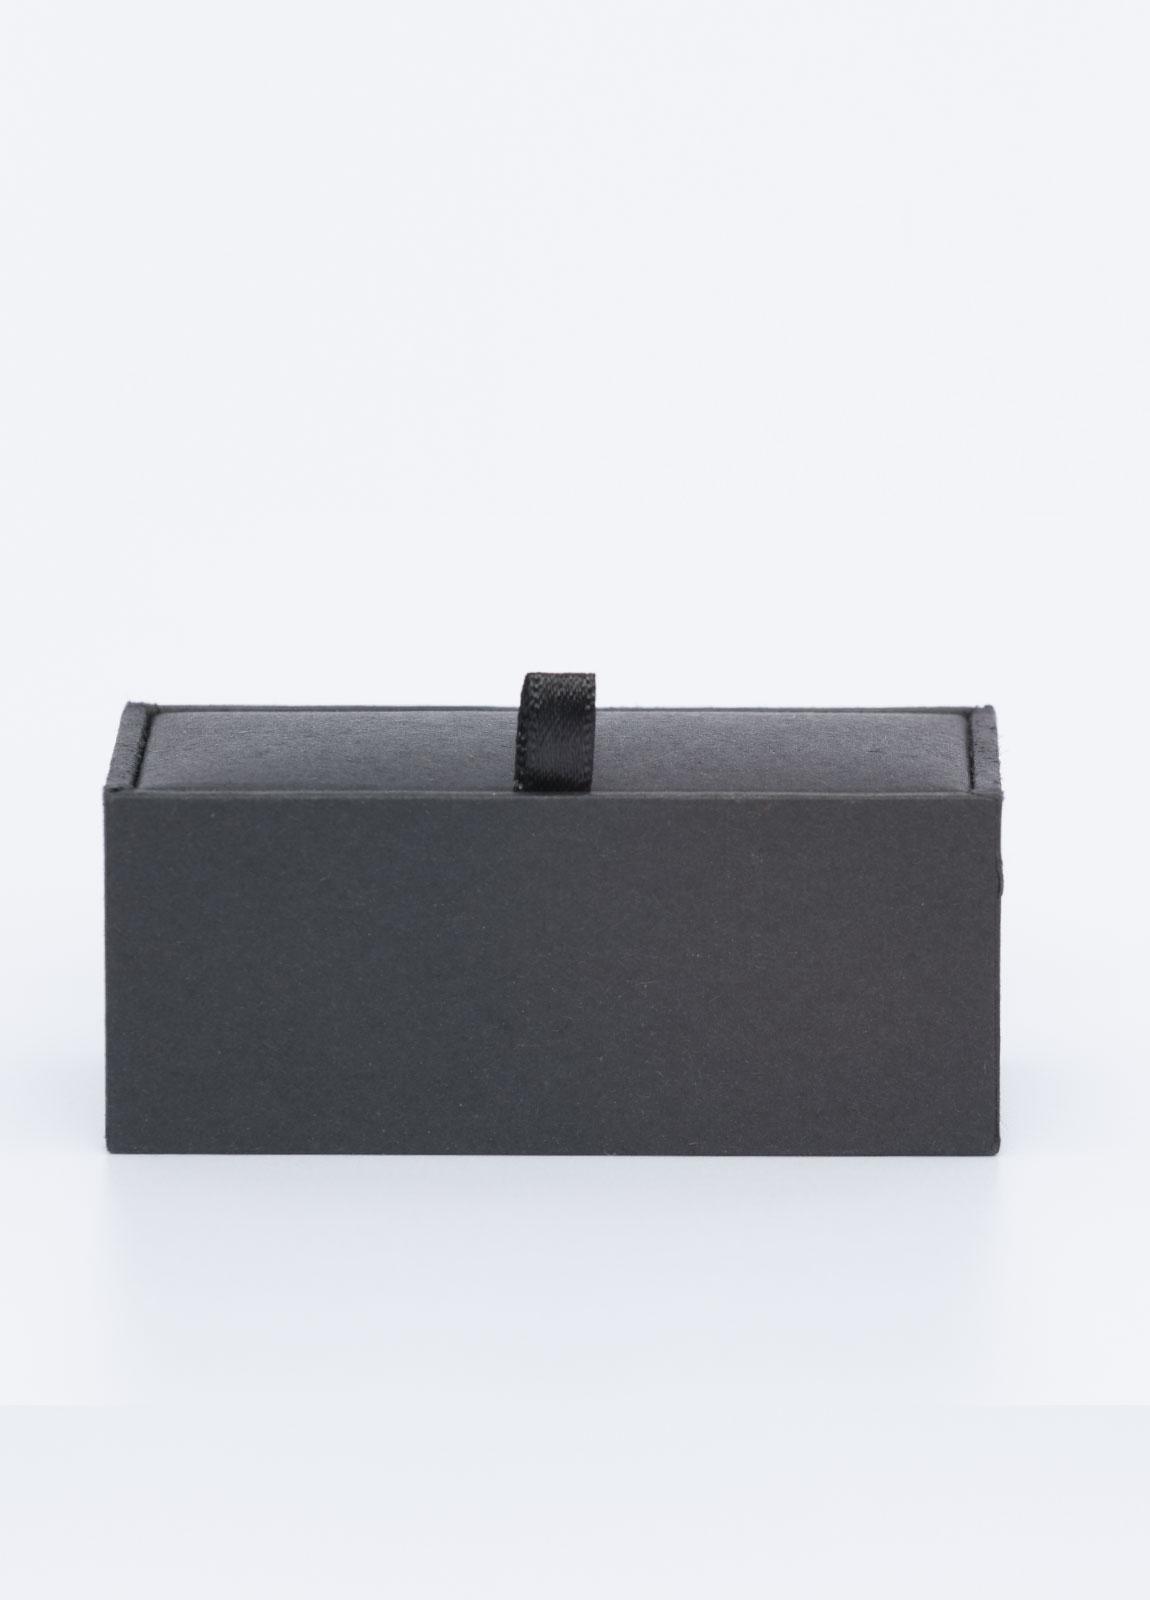 Gemelos FUREST COLECCIÓN piedra ónix negro - Ítem2